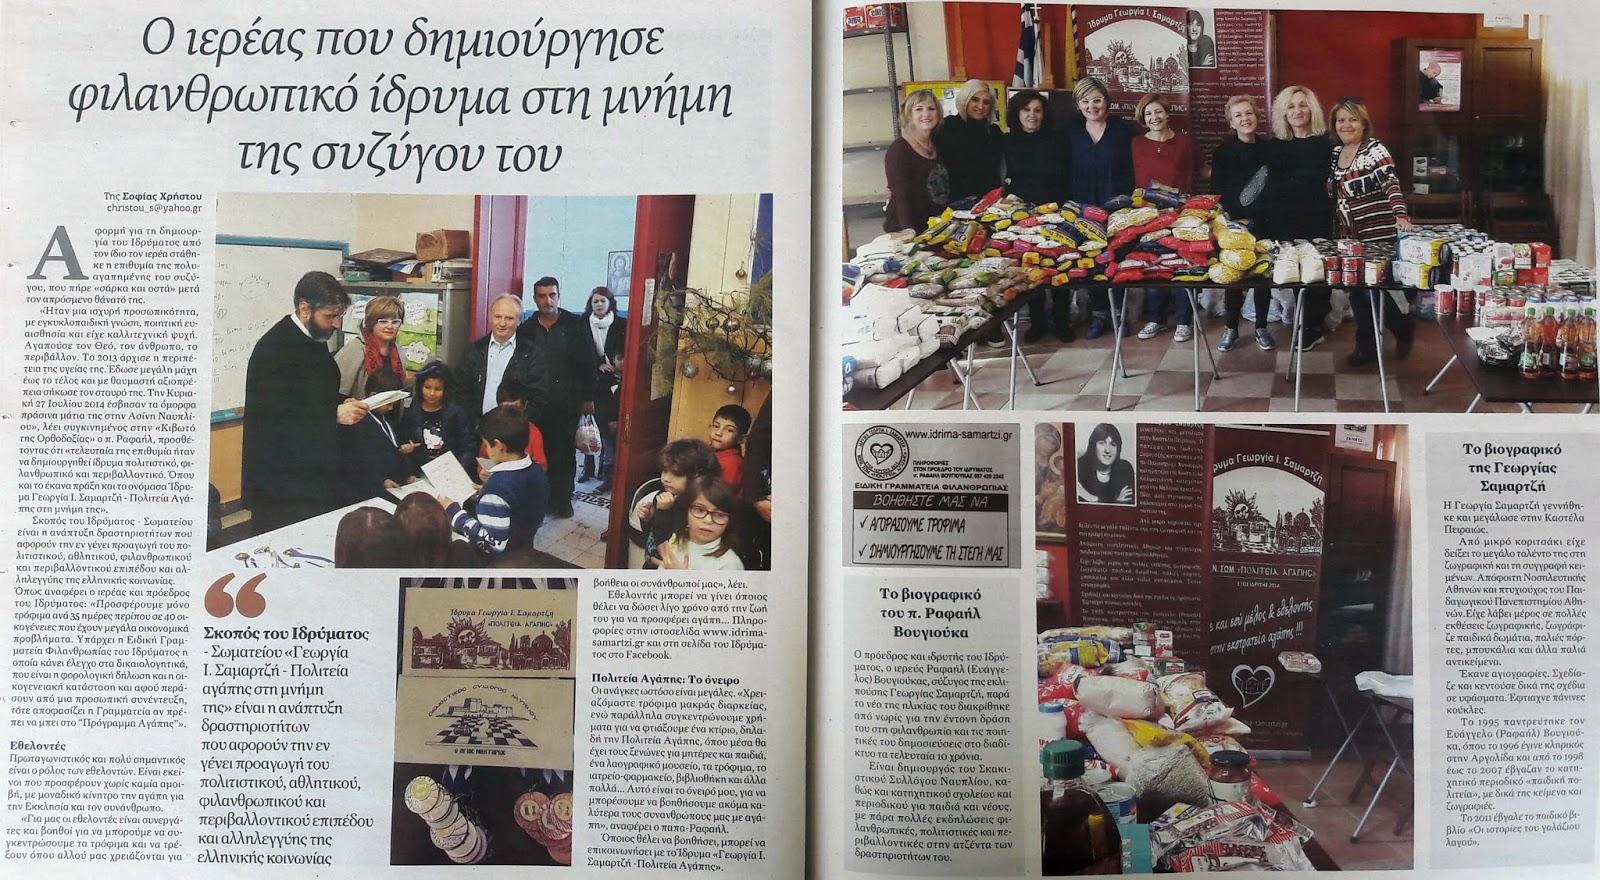 """Το Ίδρυμα Γεωργία Σαμαρτζή- Πολιτεία Αγάπης στην εφημερίδα """"Κιβωτός της ορθοδοξίας"""""""